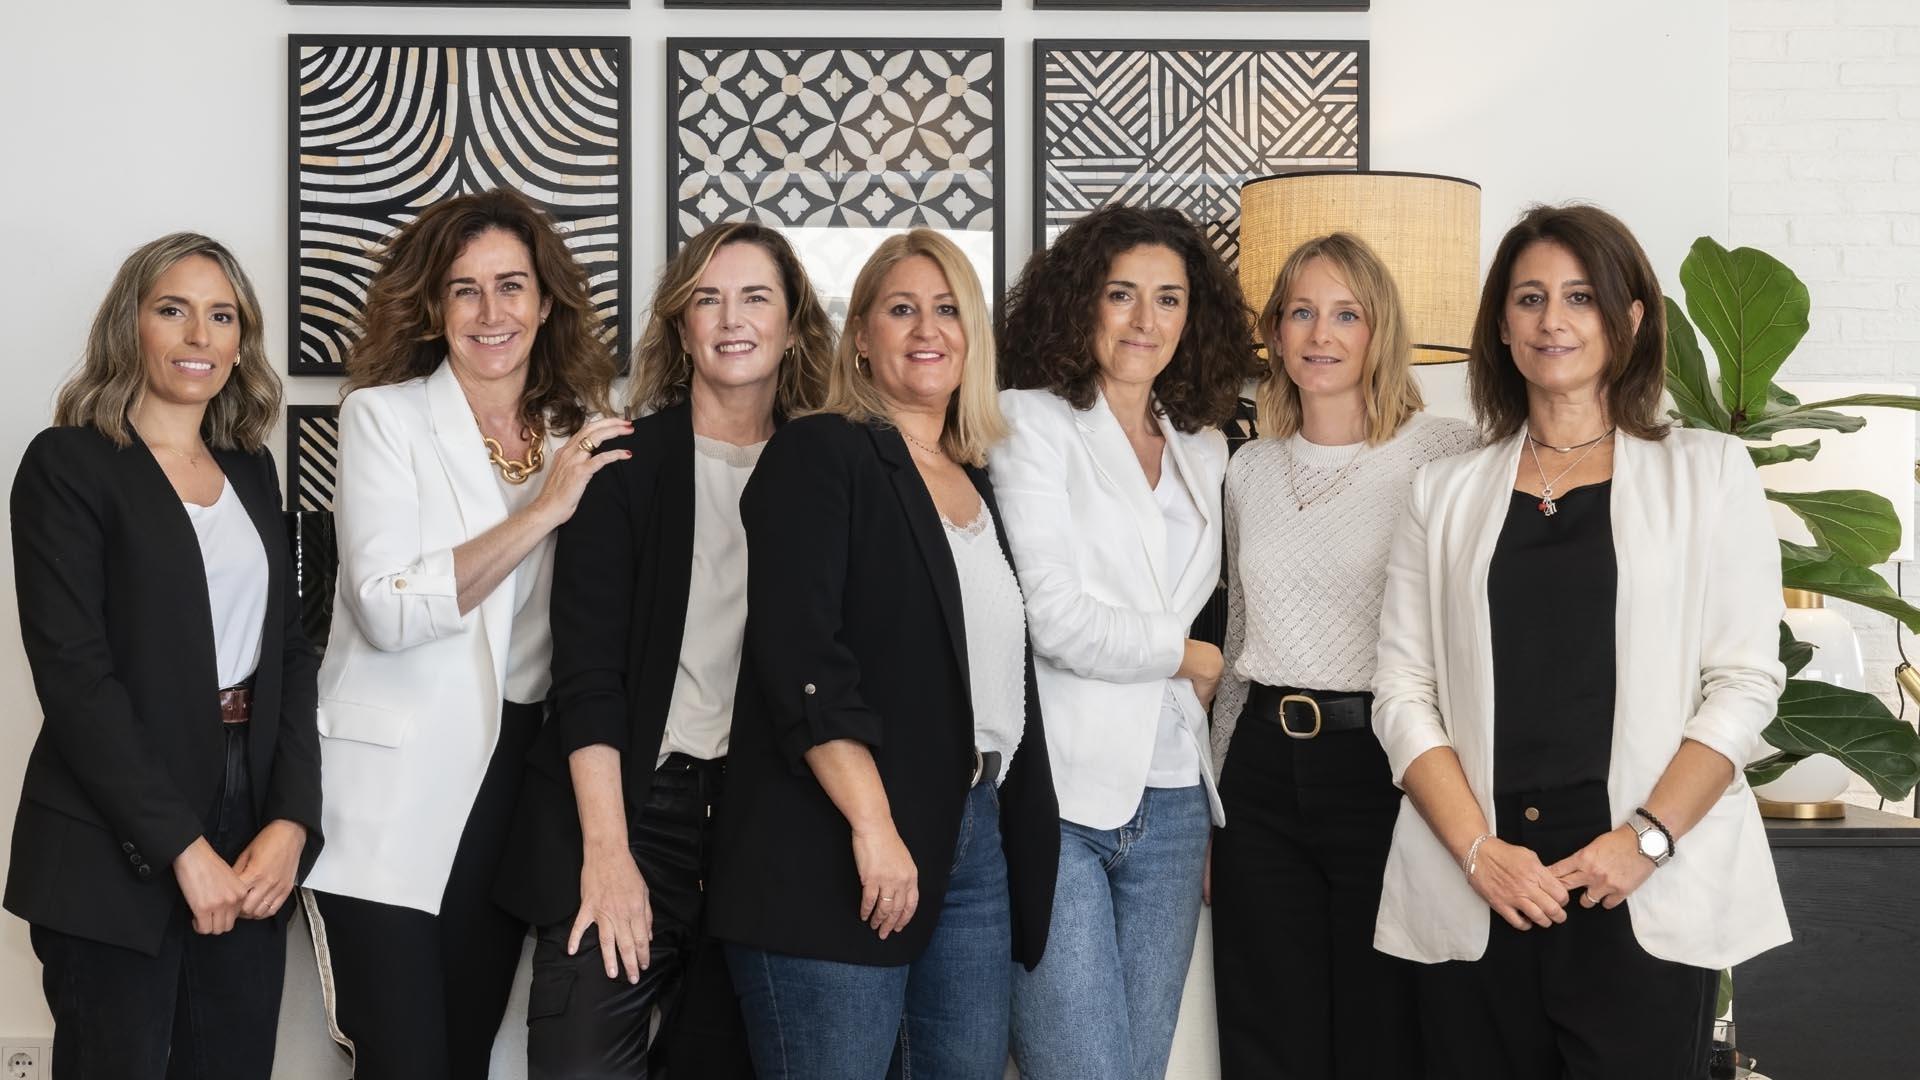 estudio interiorismo malaga La Albaida equipo marbella decoradoras interioristas